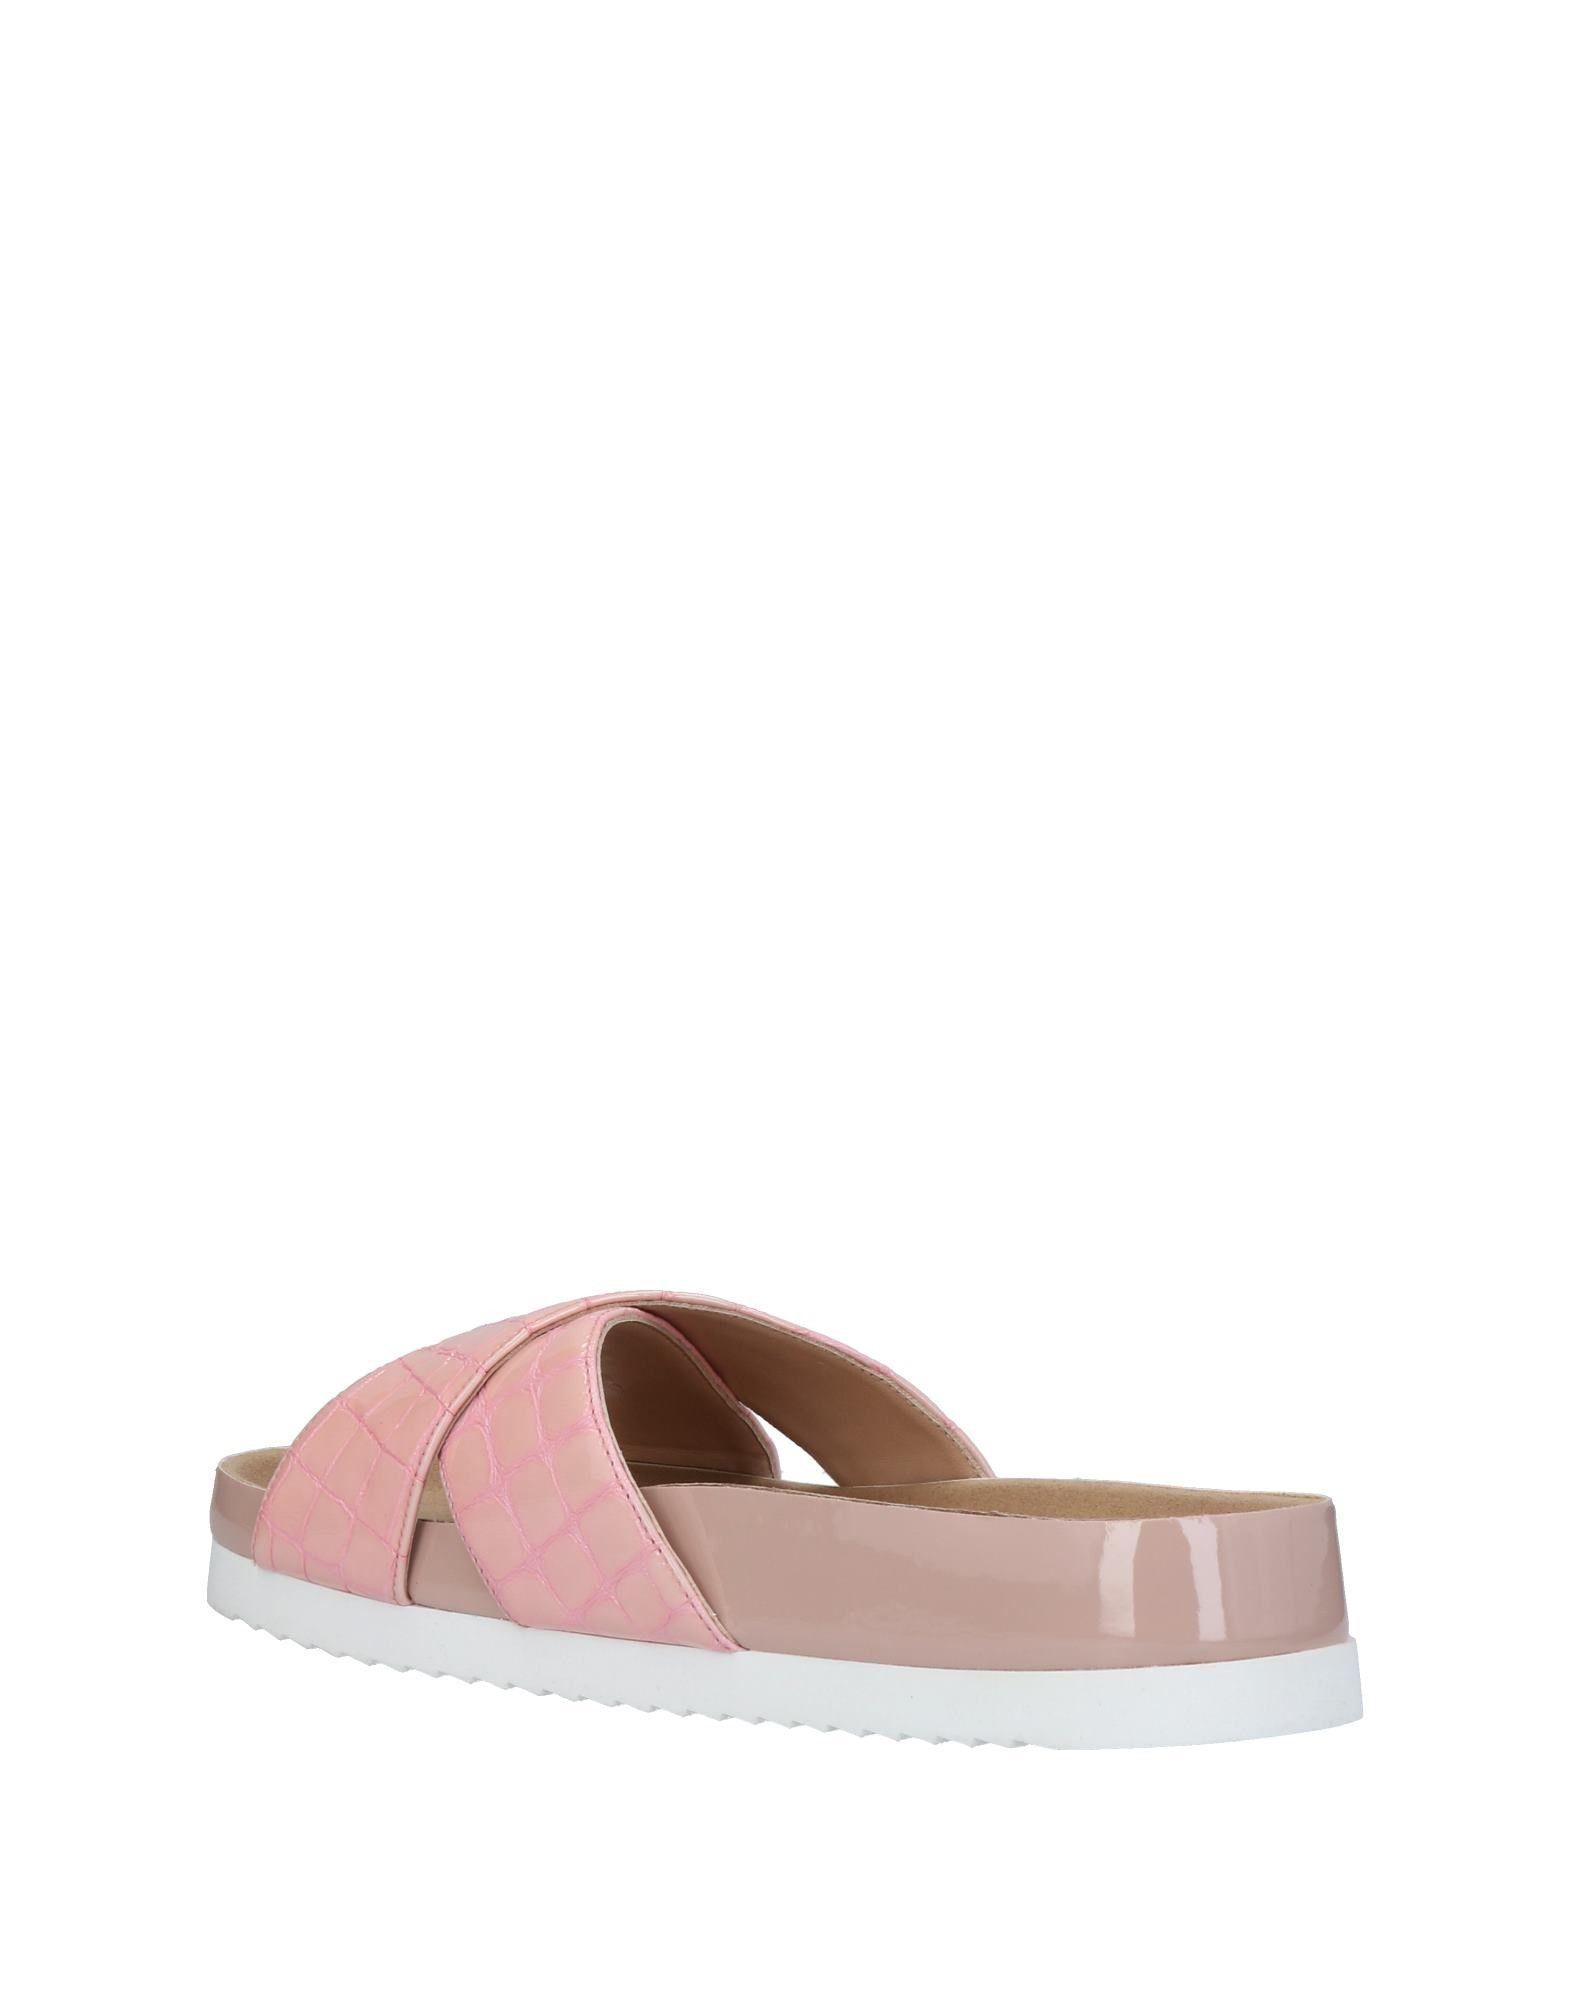 Patrizia Pepe Sandalen Damen  11431945HE Gute Qualität beliebte Schuhe